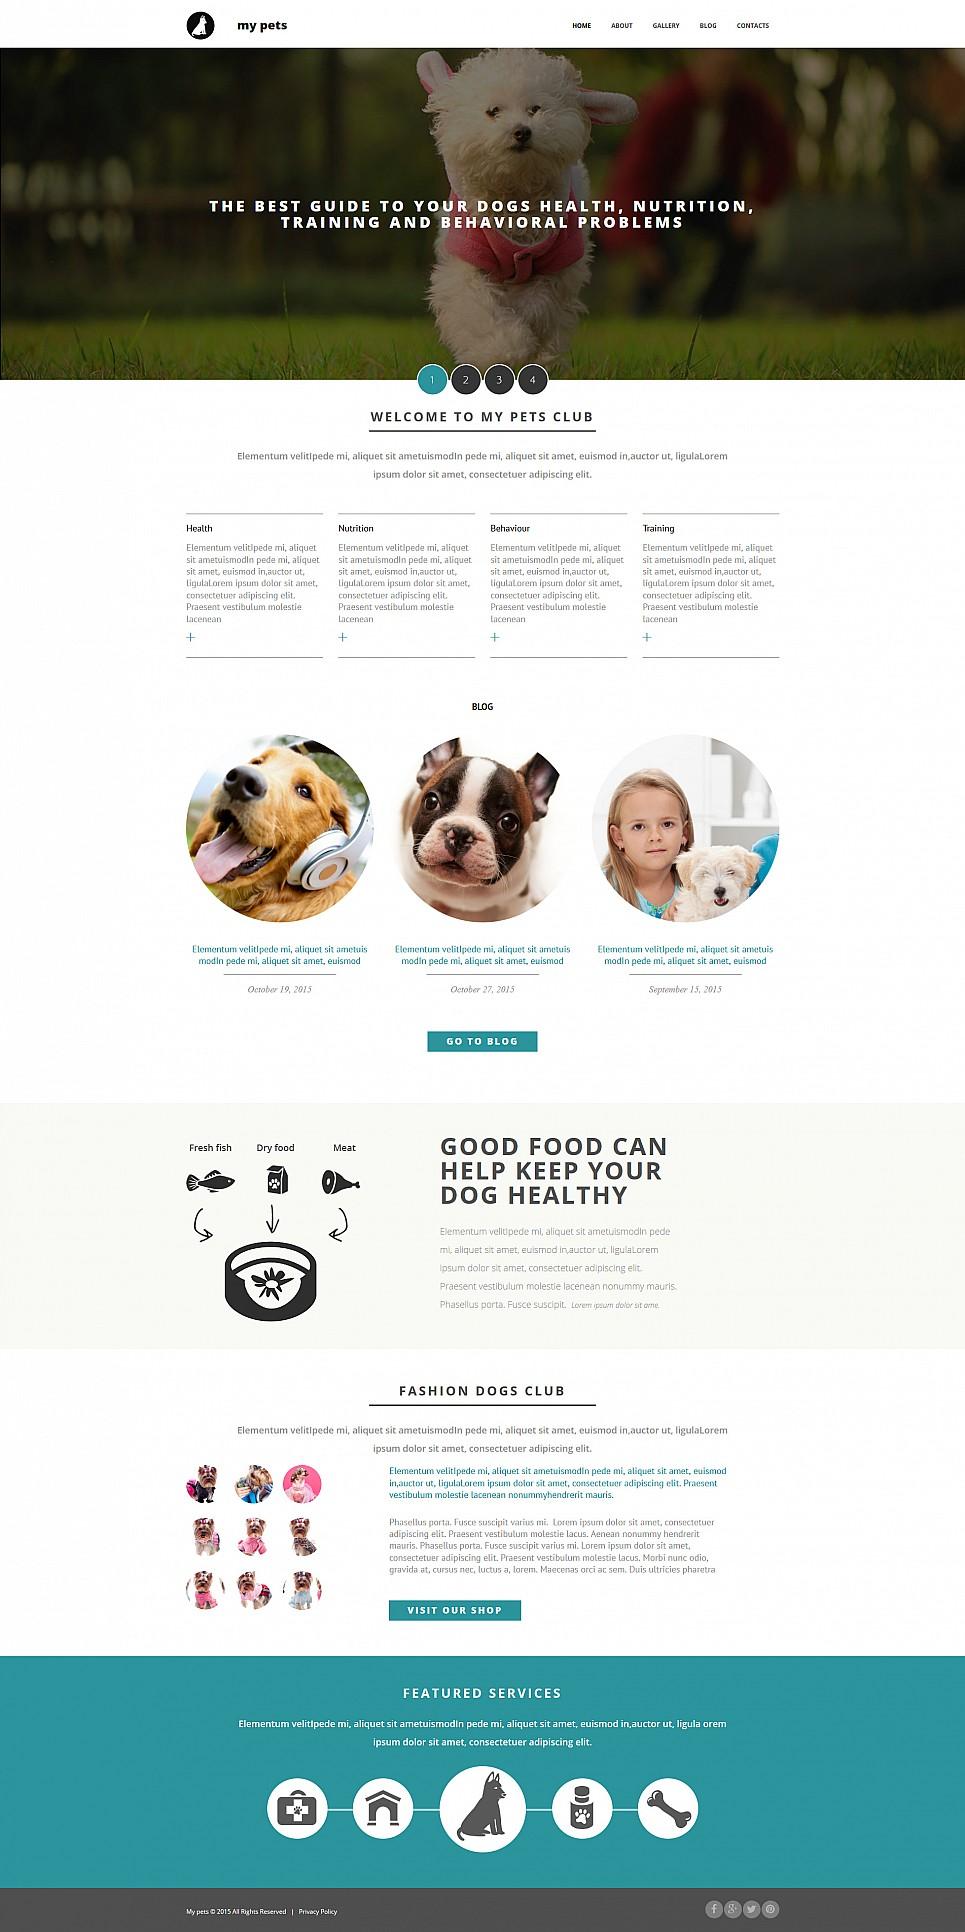 Diseño de sitio web de un club de mascotas - image